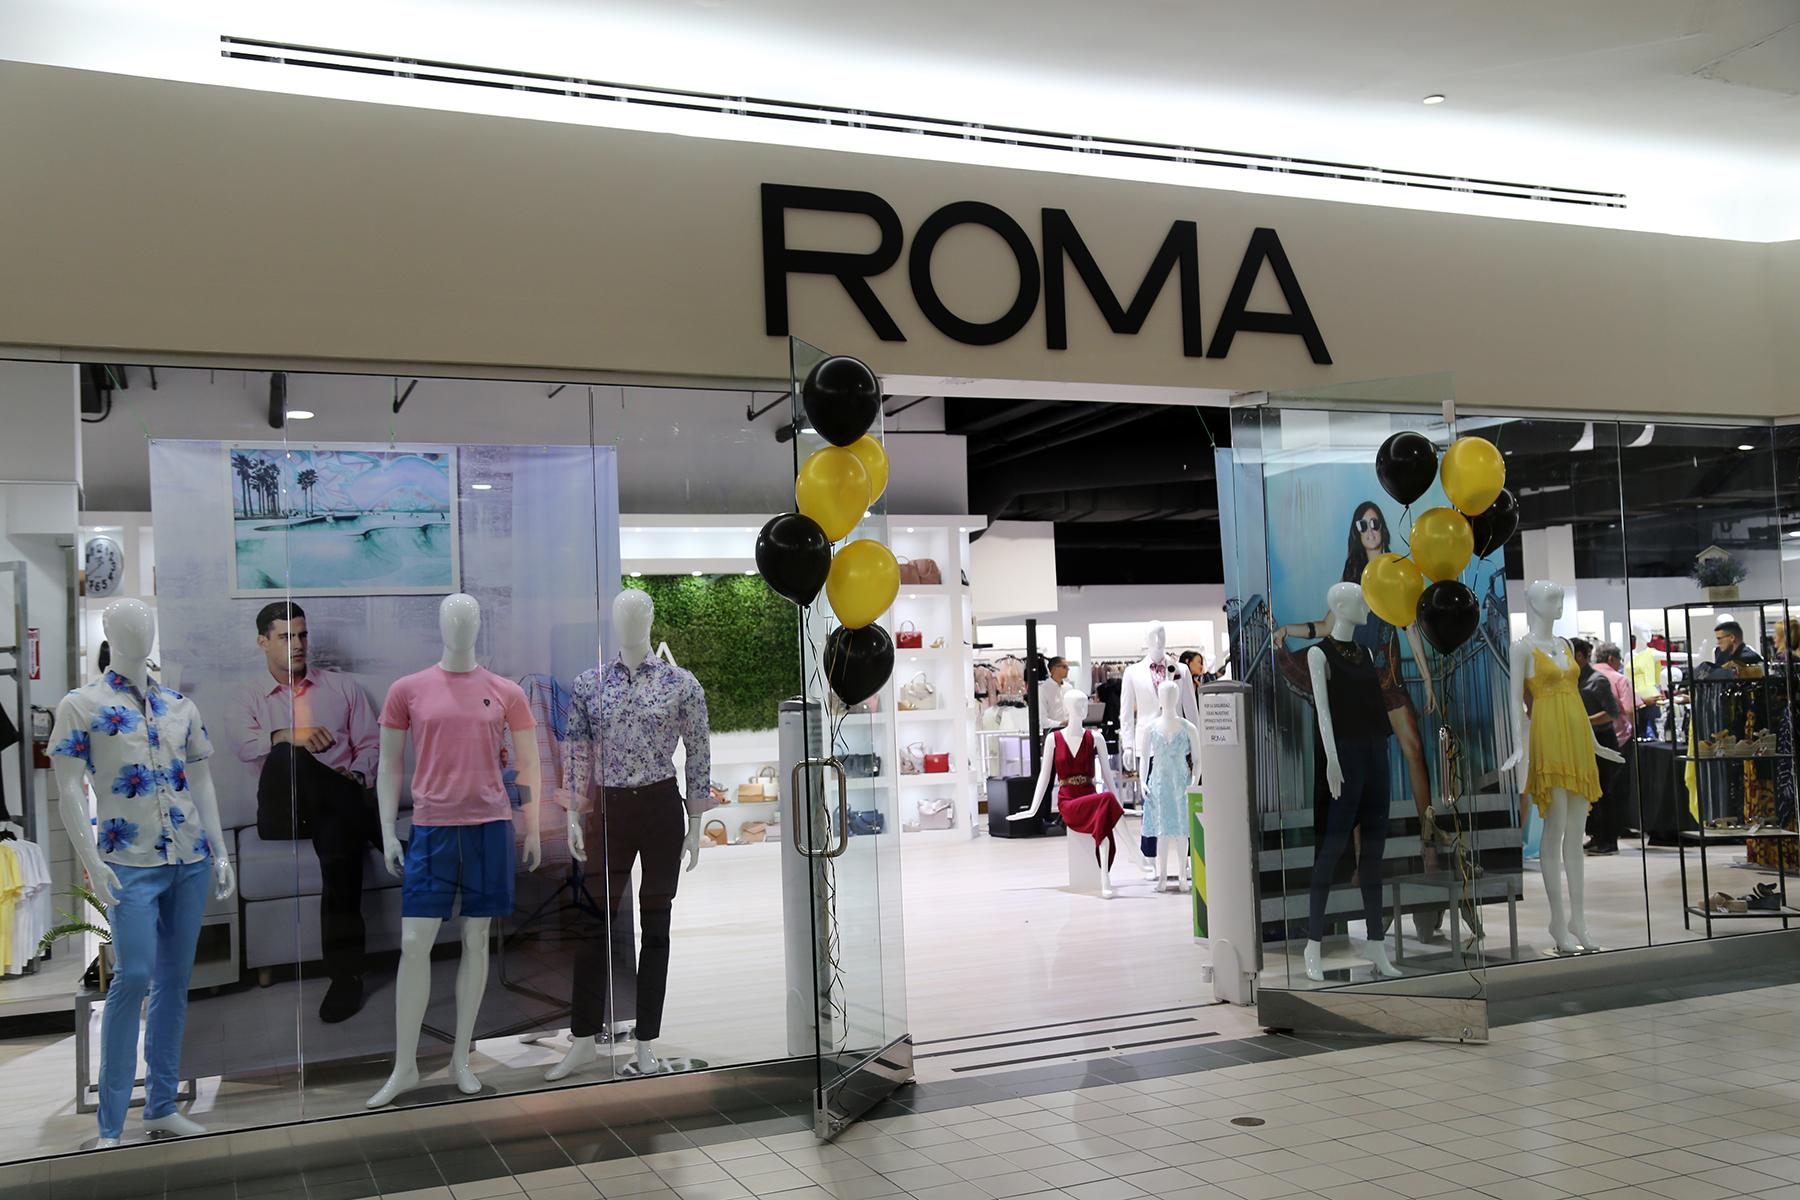 Entrada de la Tienda Roma. (Nichole Saldarriaga)